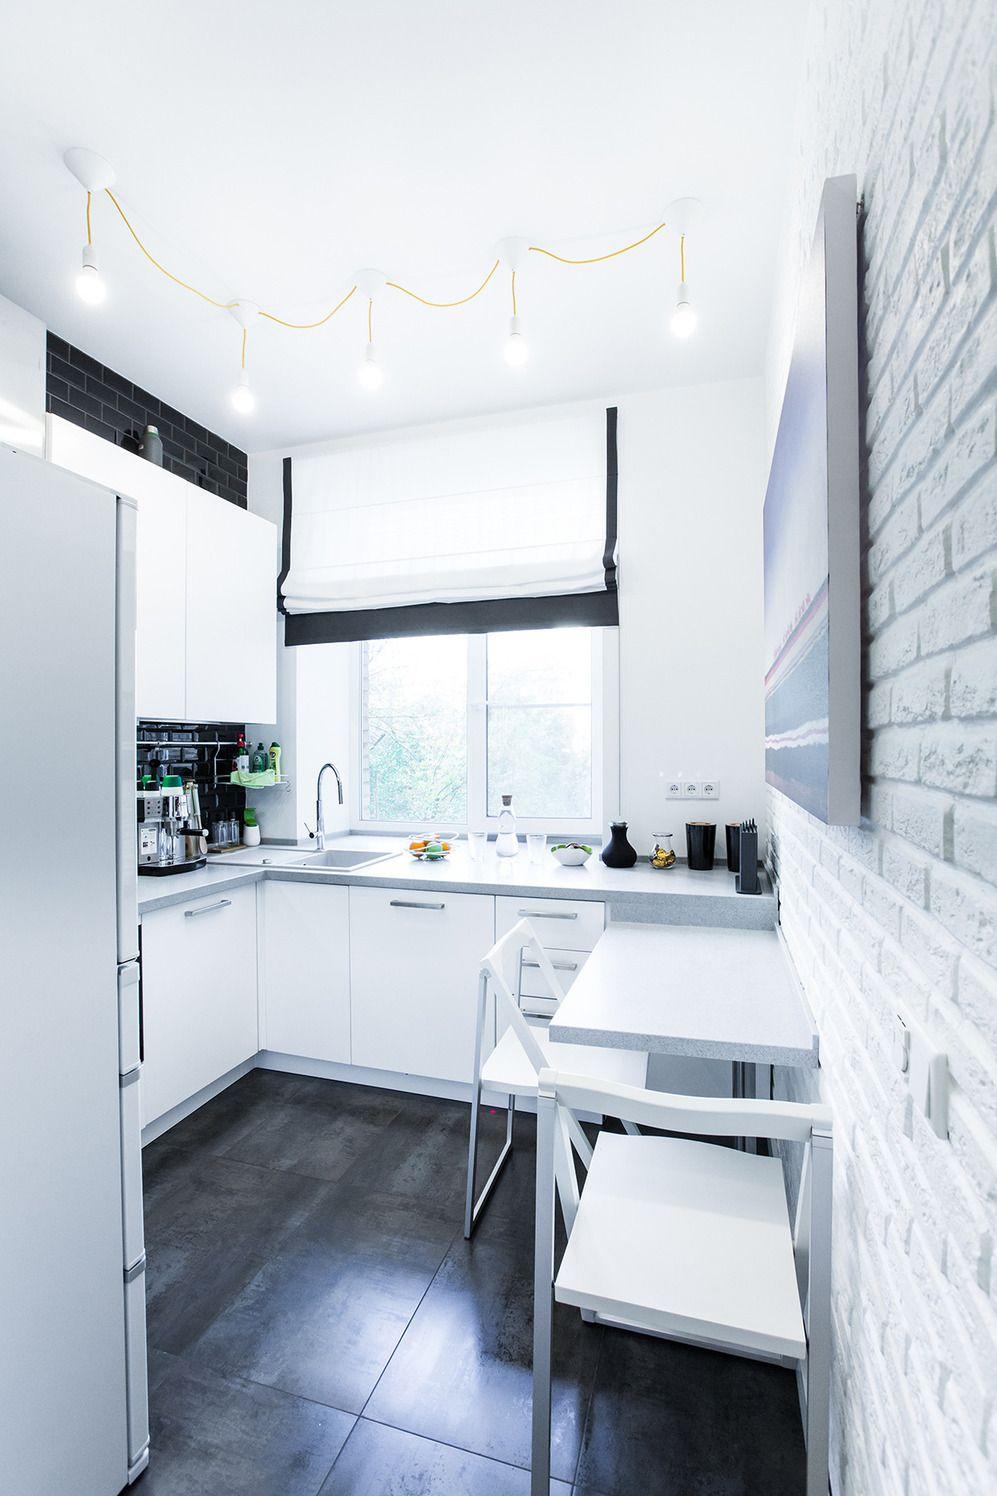 угловая кухня в хрущевке с холодильником